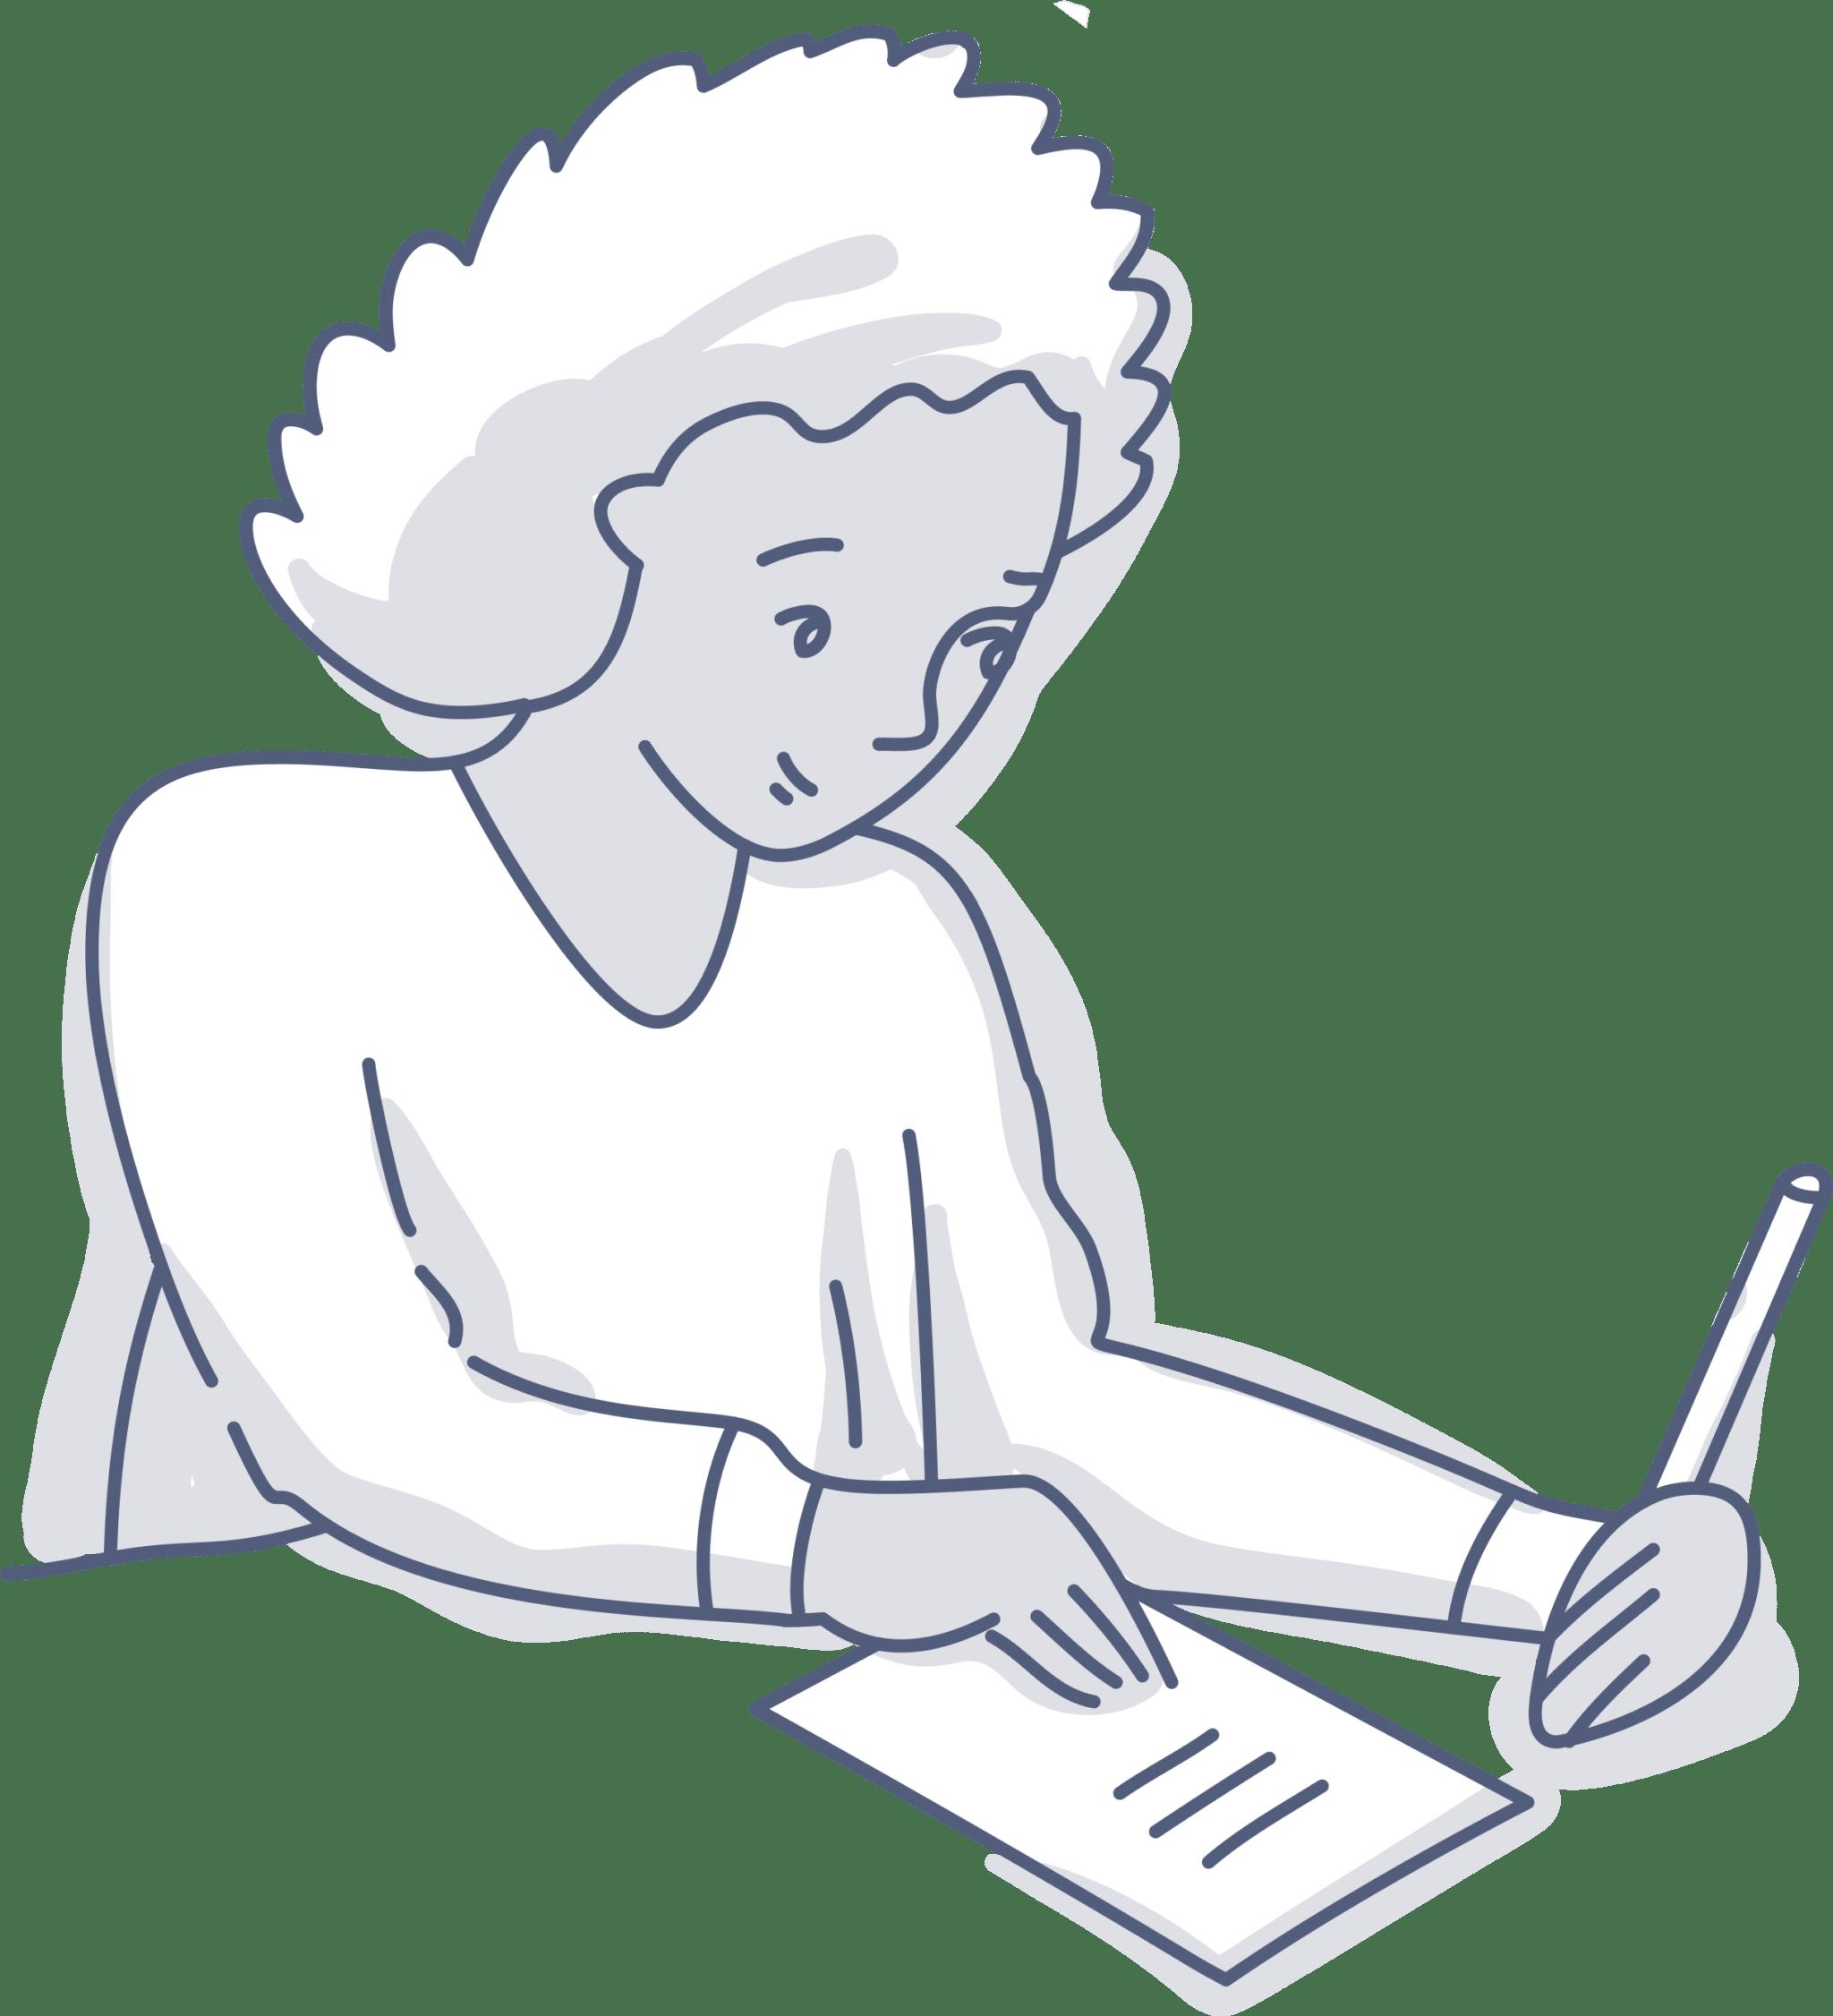 humor-writing-workshop